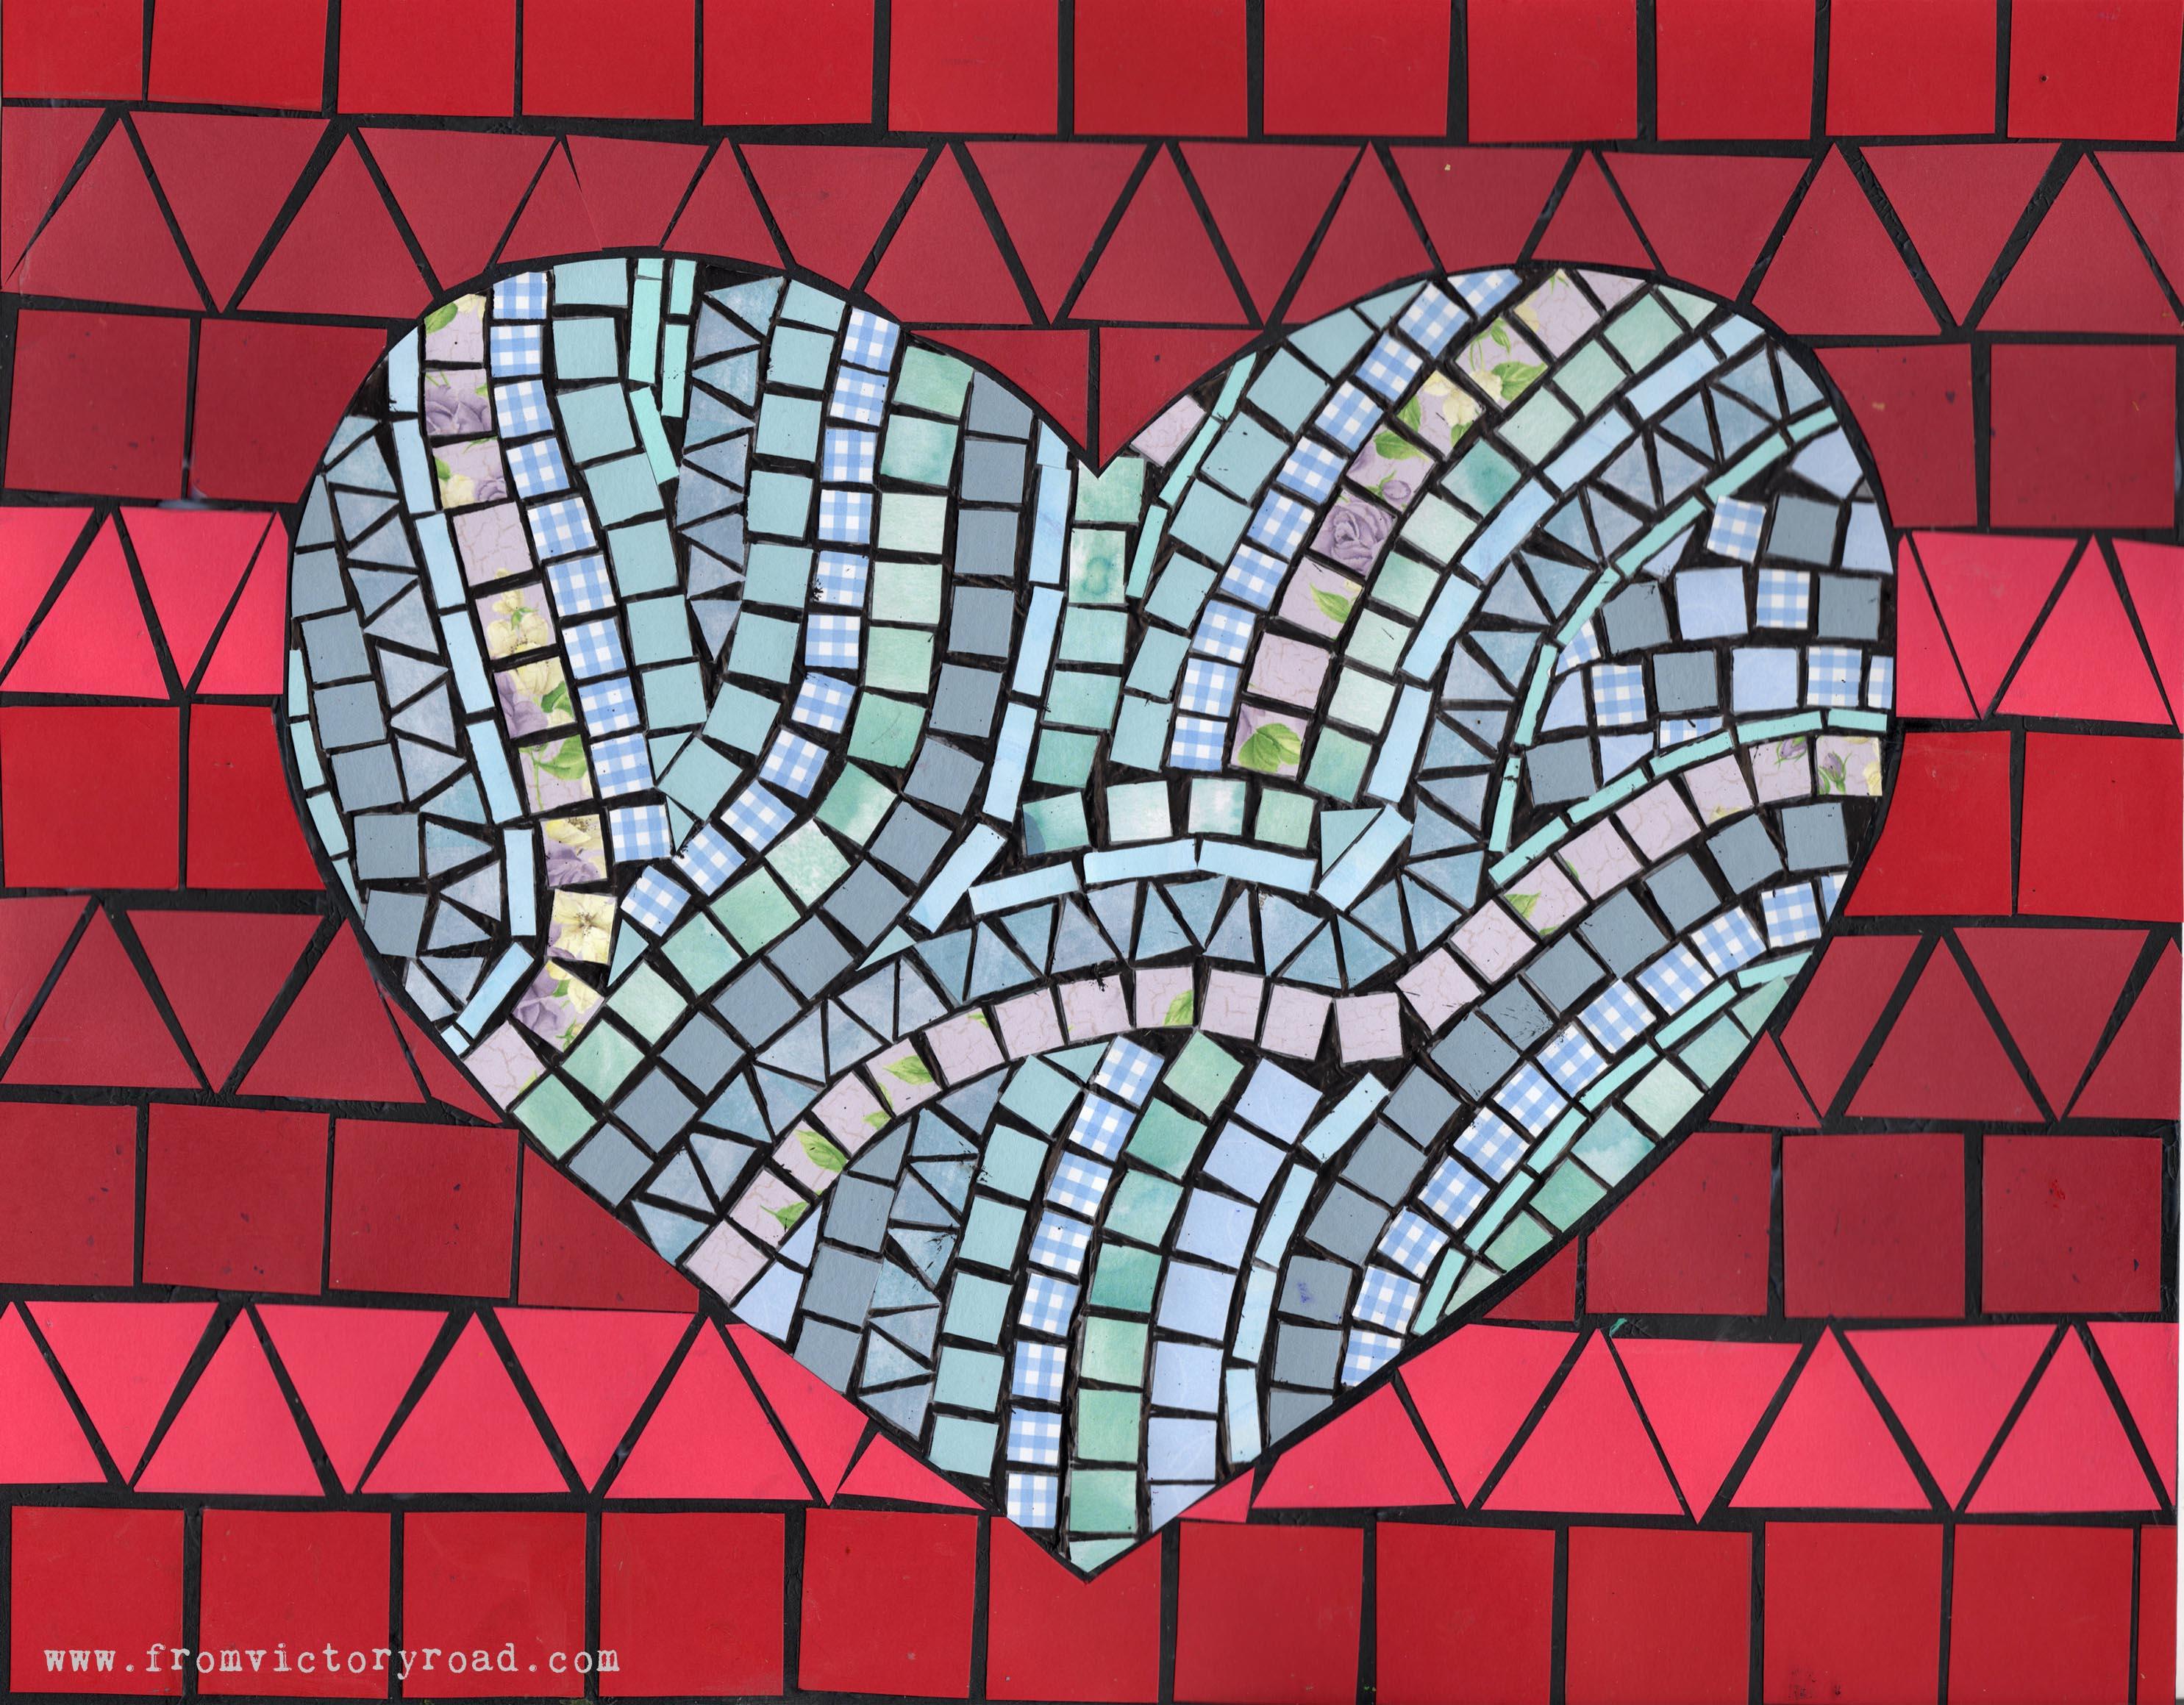 heart-mosaic-wm